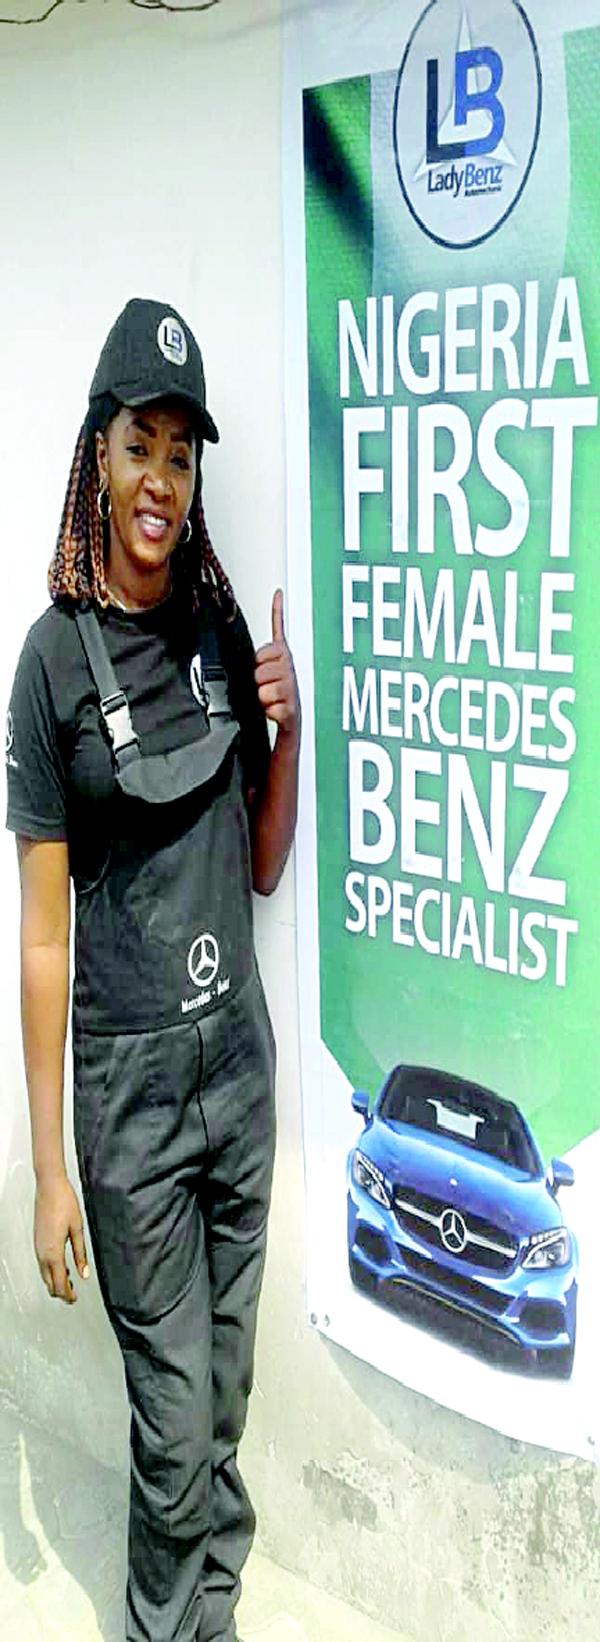 Joy Obi Amuche: From street hawker  to Mercedes  Benz specialist